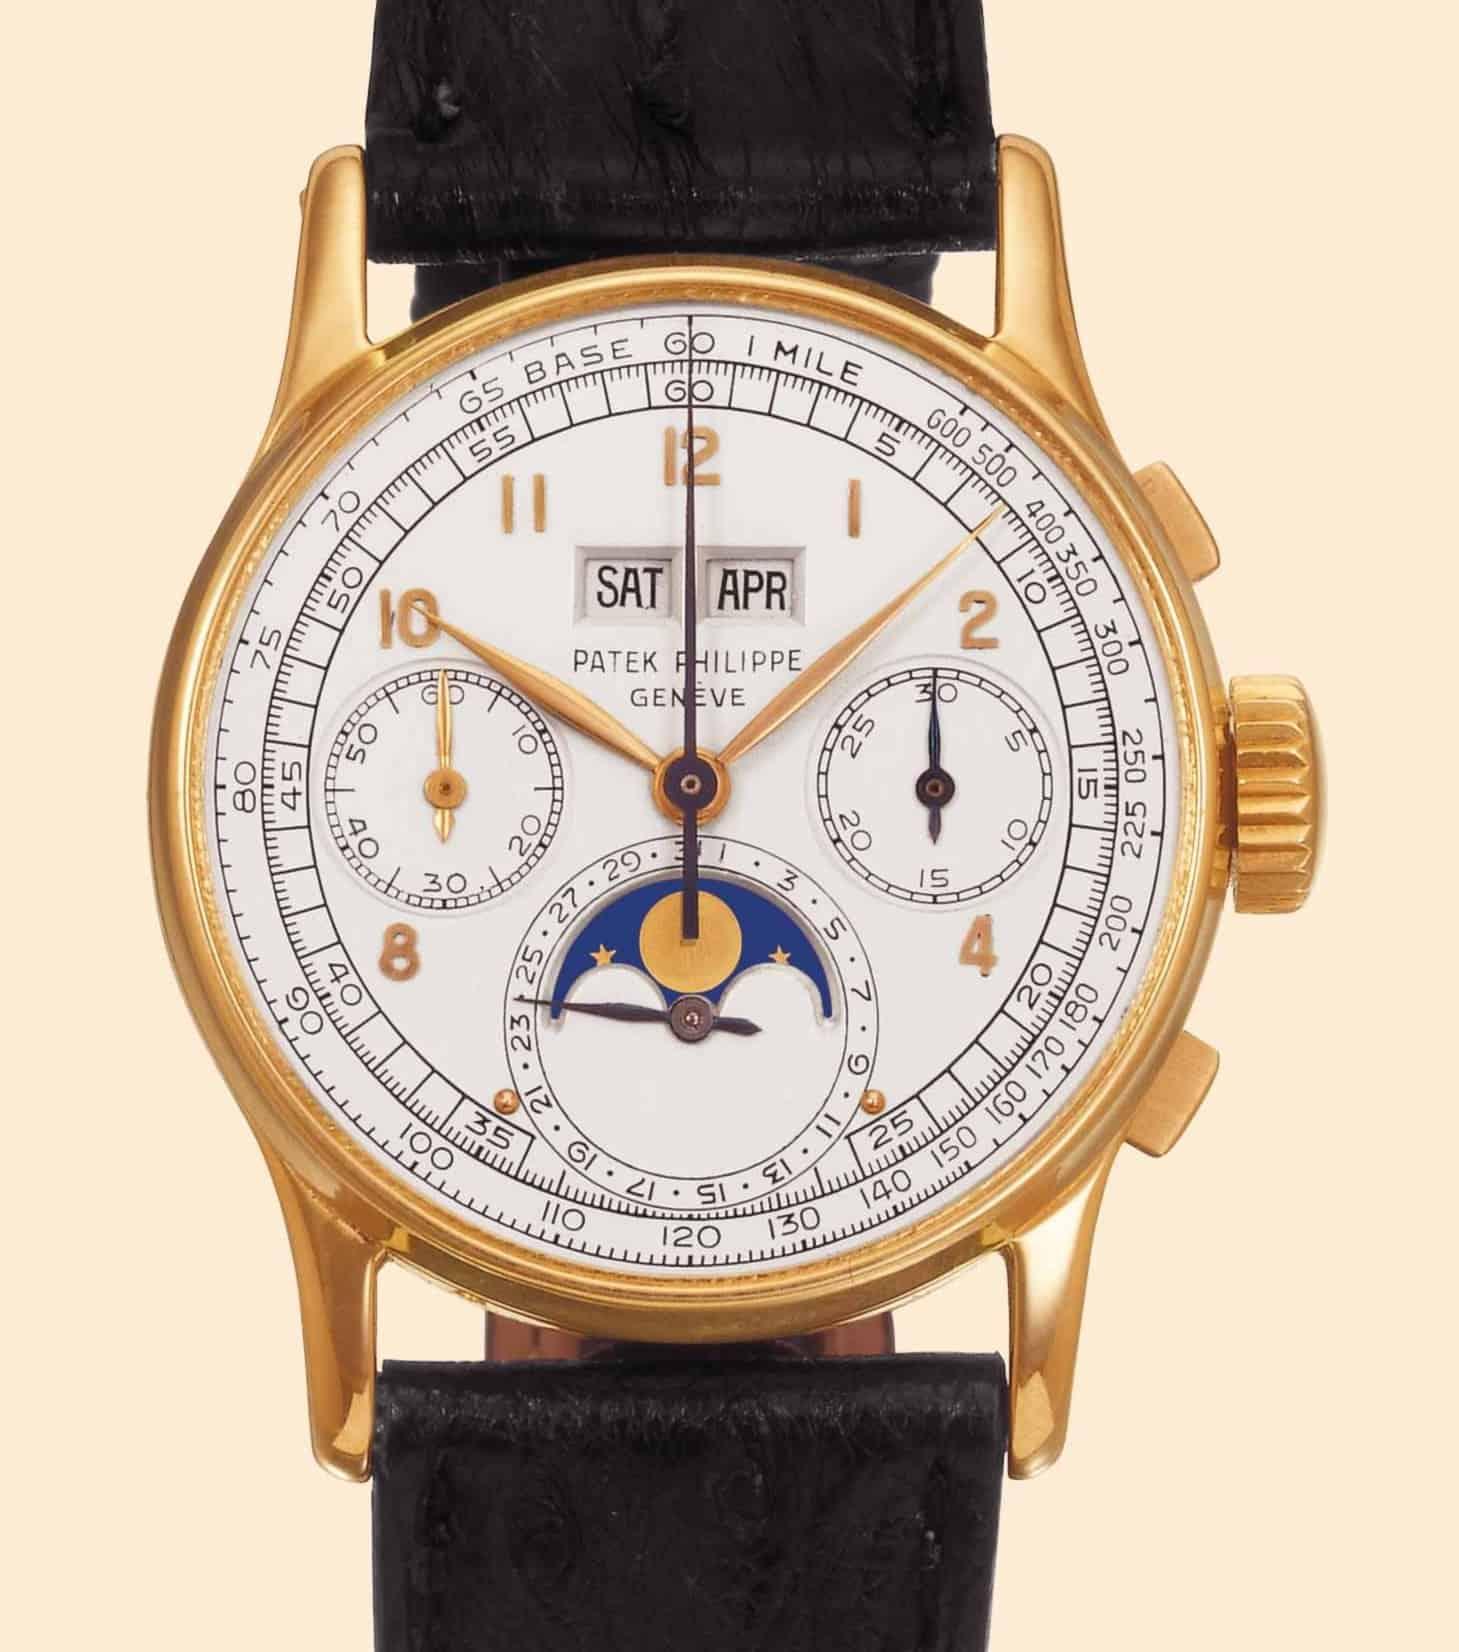 Die erste Serien-Armbanduhr mit ewigem Kalender von 1941 war die Referenz 1518 von Patek Philippe